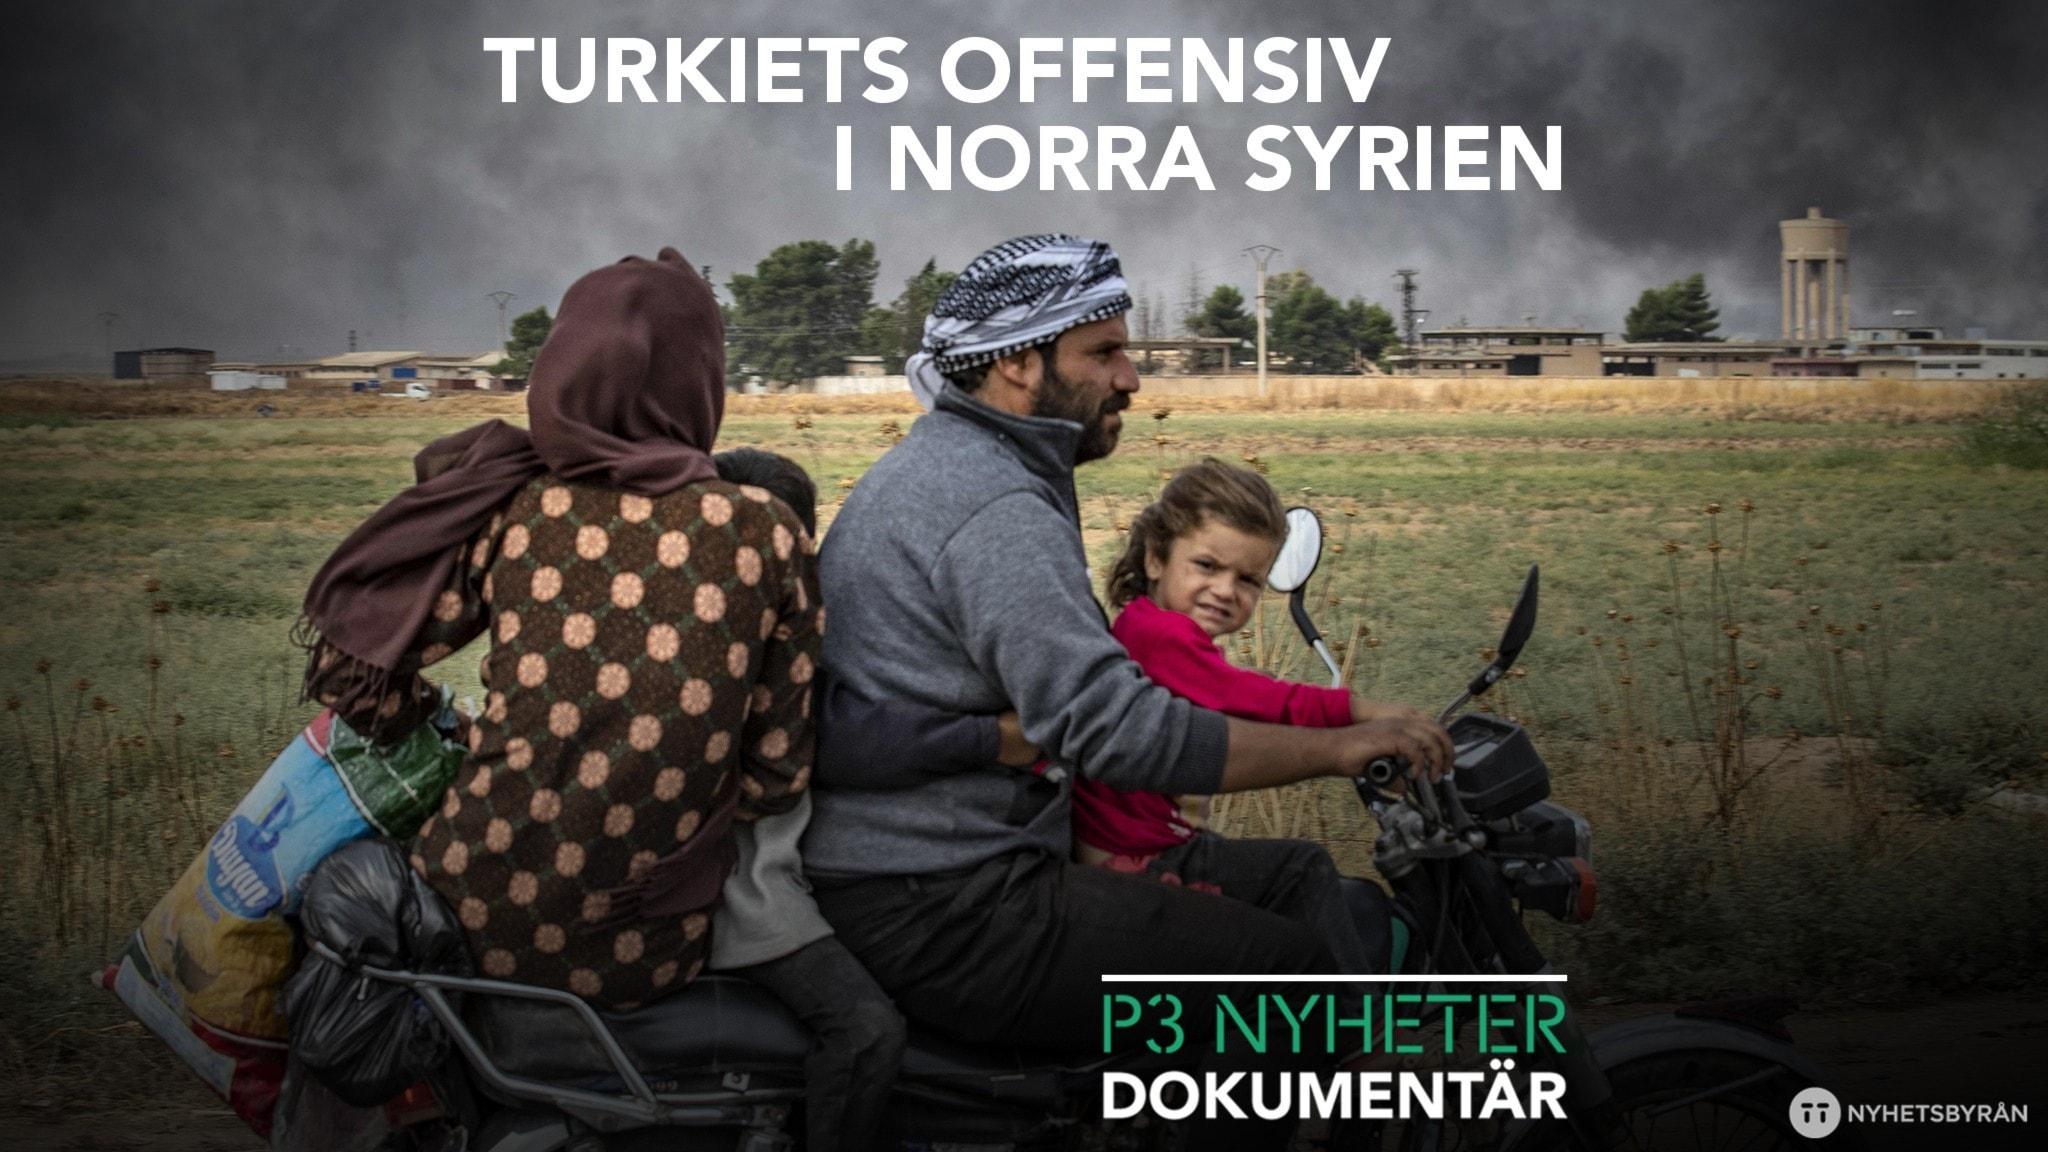 Turkiets offensiv i norra Syrien - P3 Nyheter Dokumentär